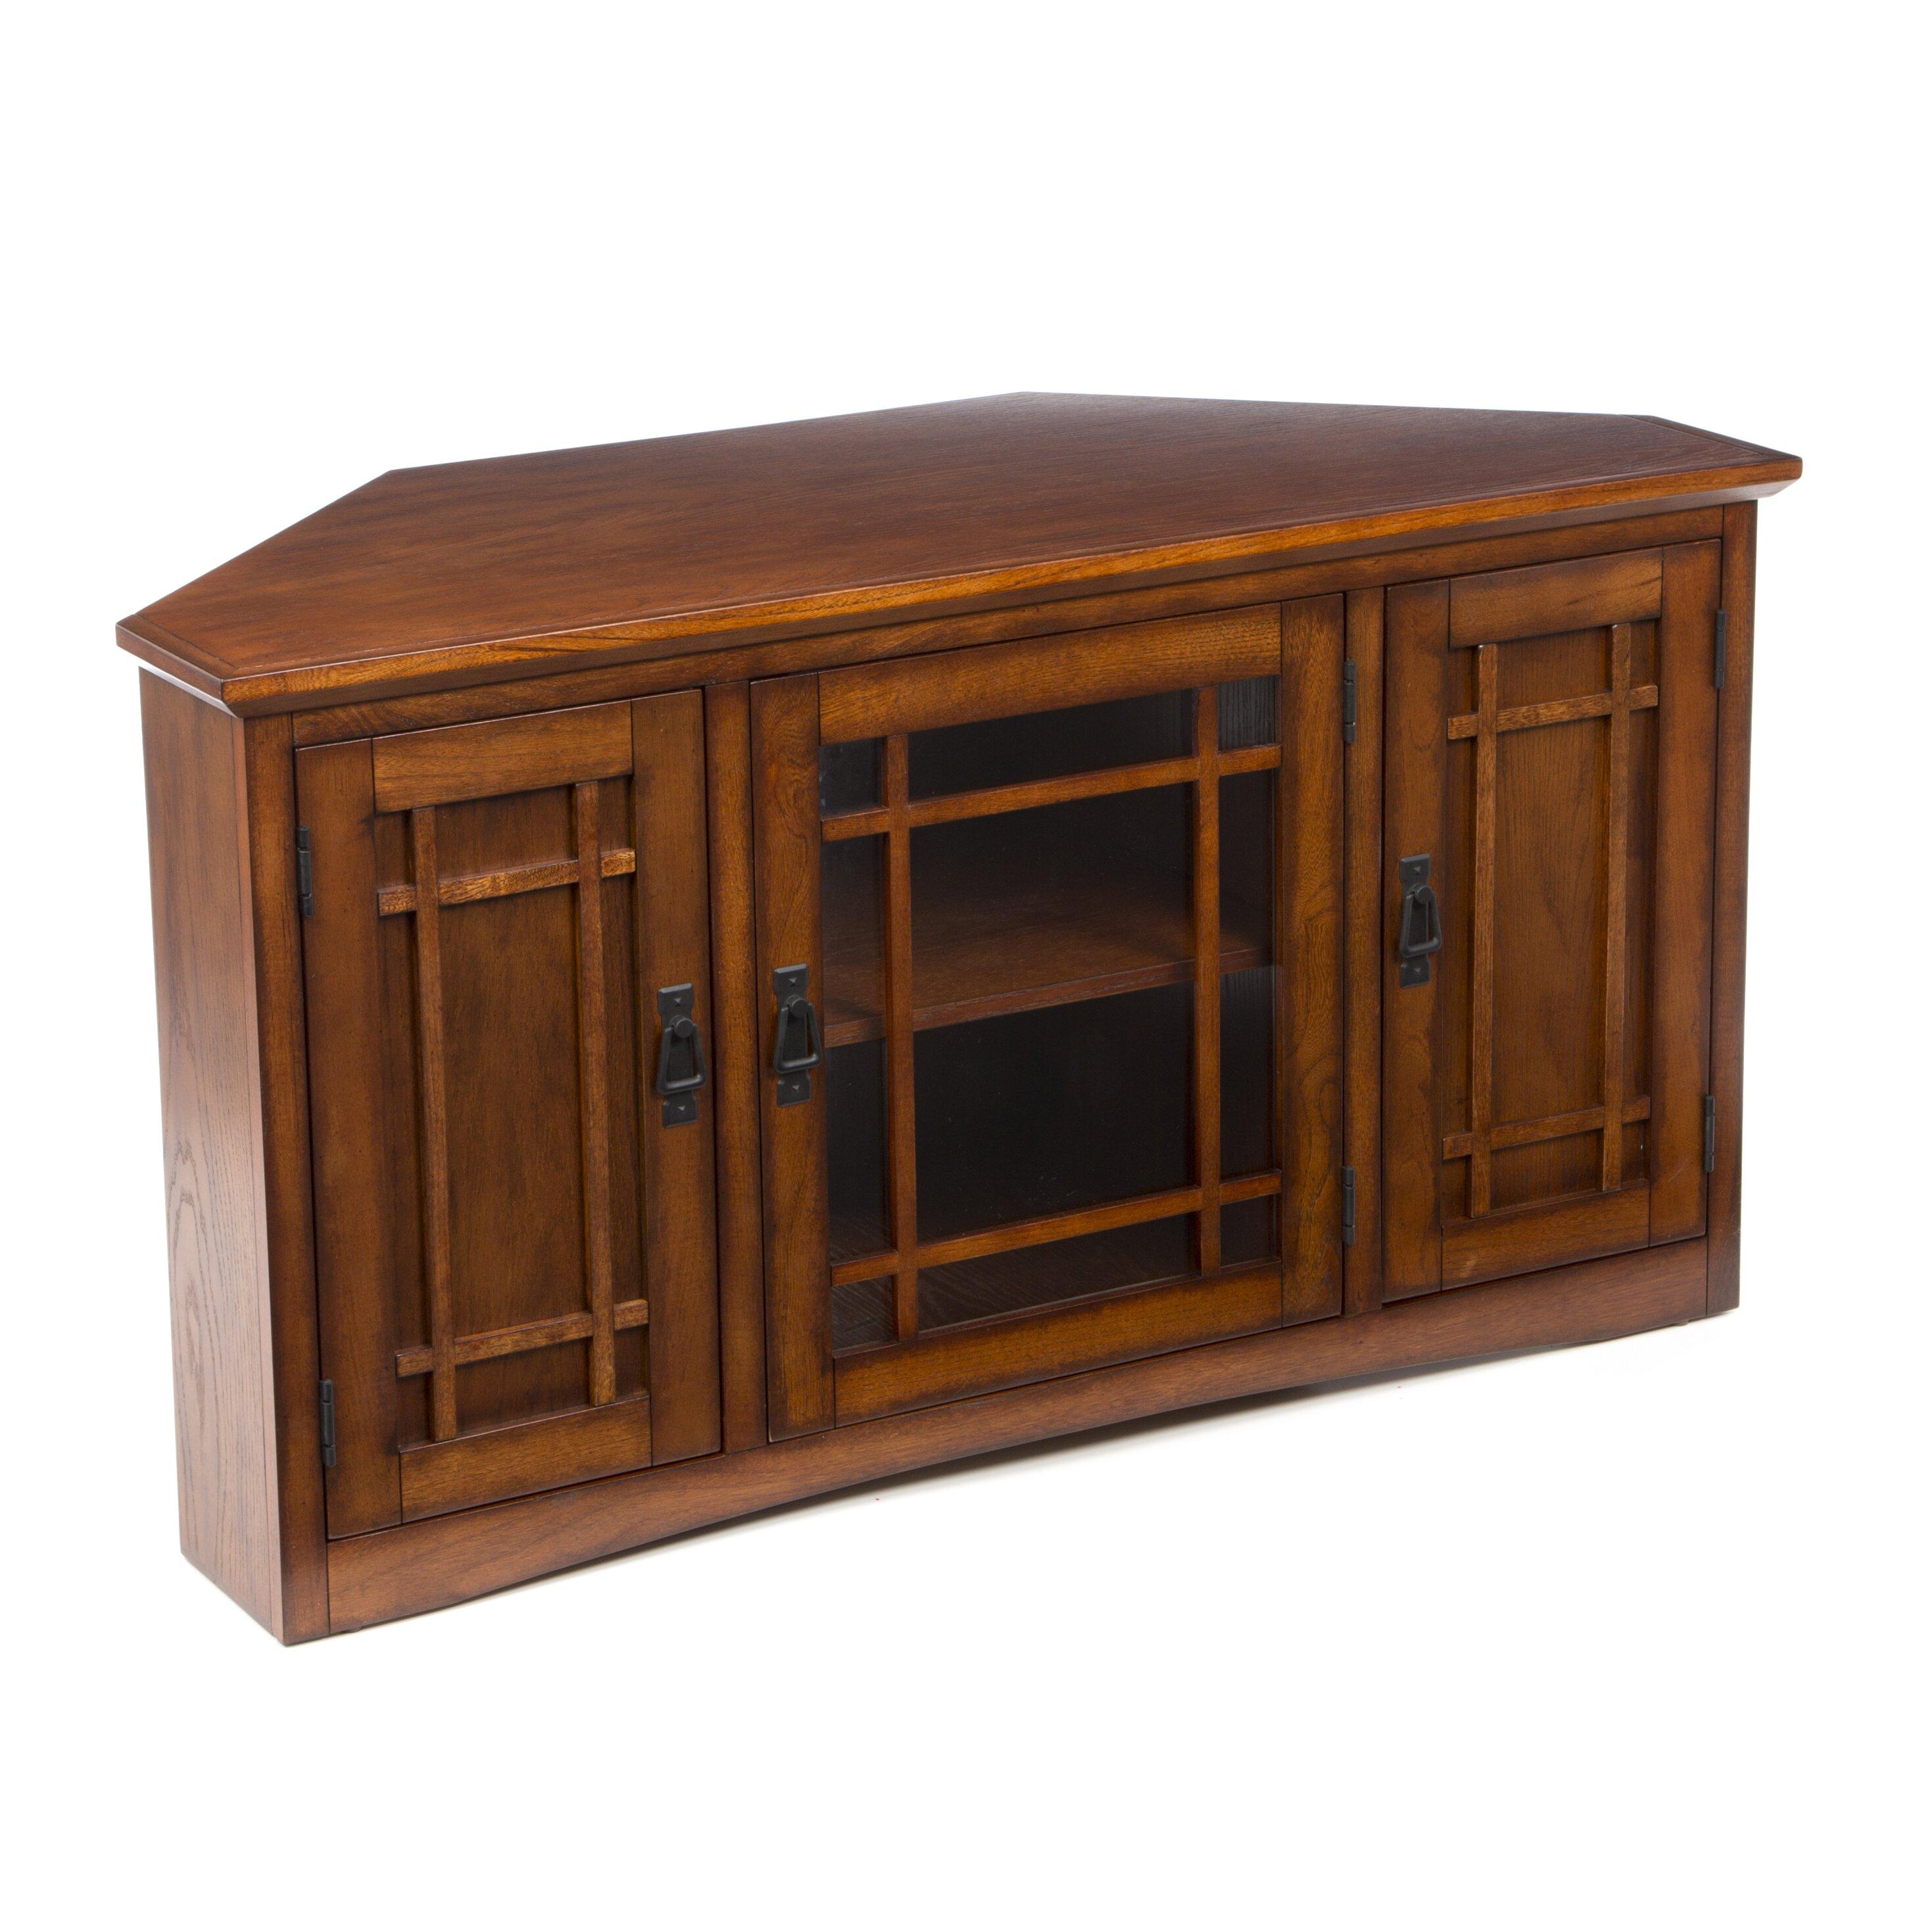 charlton home stodeley corner tv stand reviews wayfair. Black Bedroom Furniture Sets. Home Design Ideas